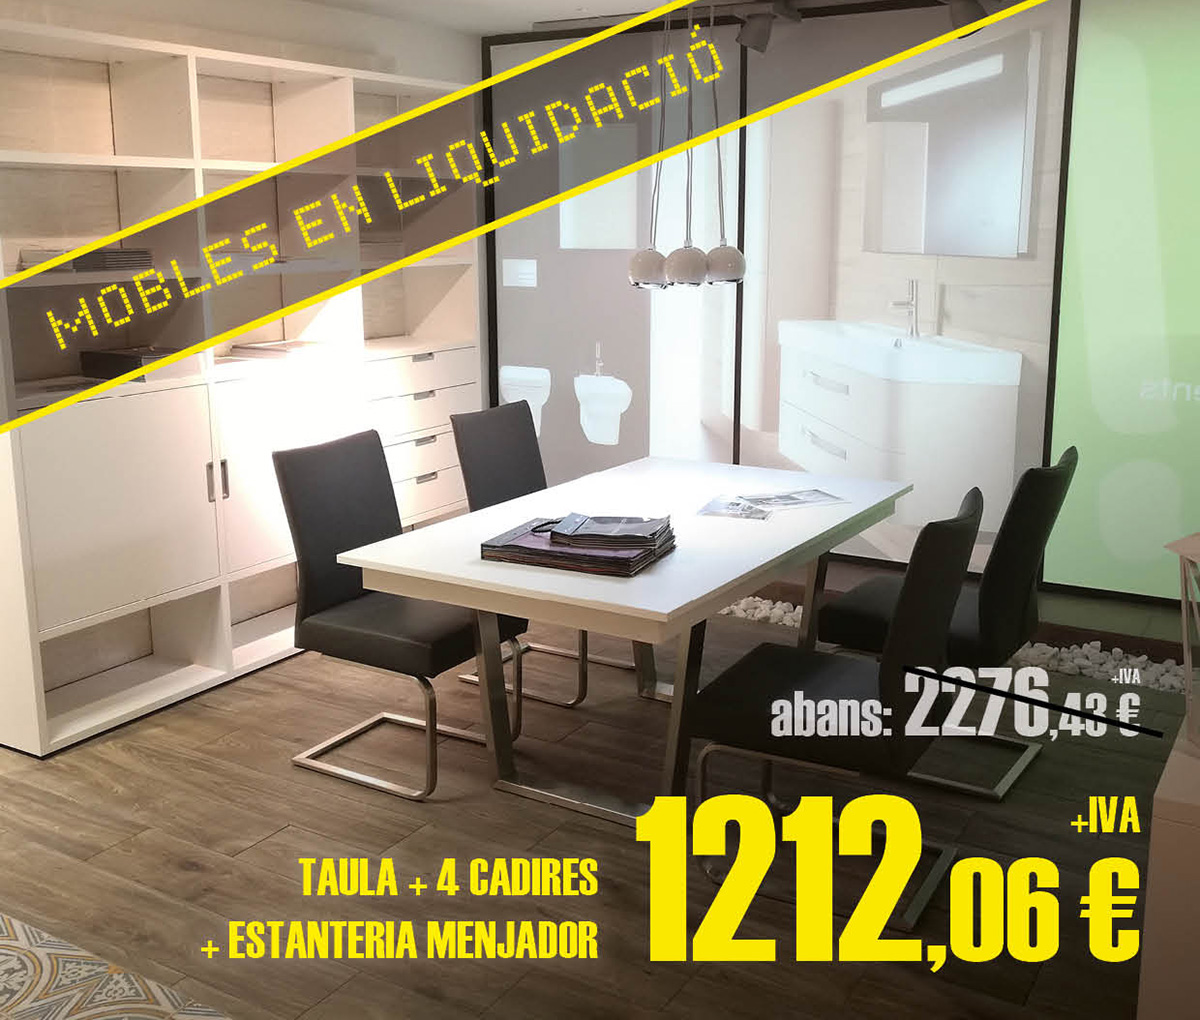 Liquidación de conjunto de muebles de comedor: mesa, sillas y estantería